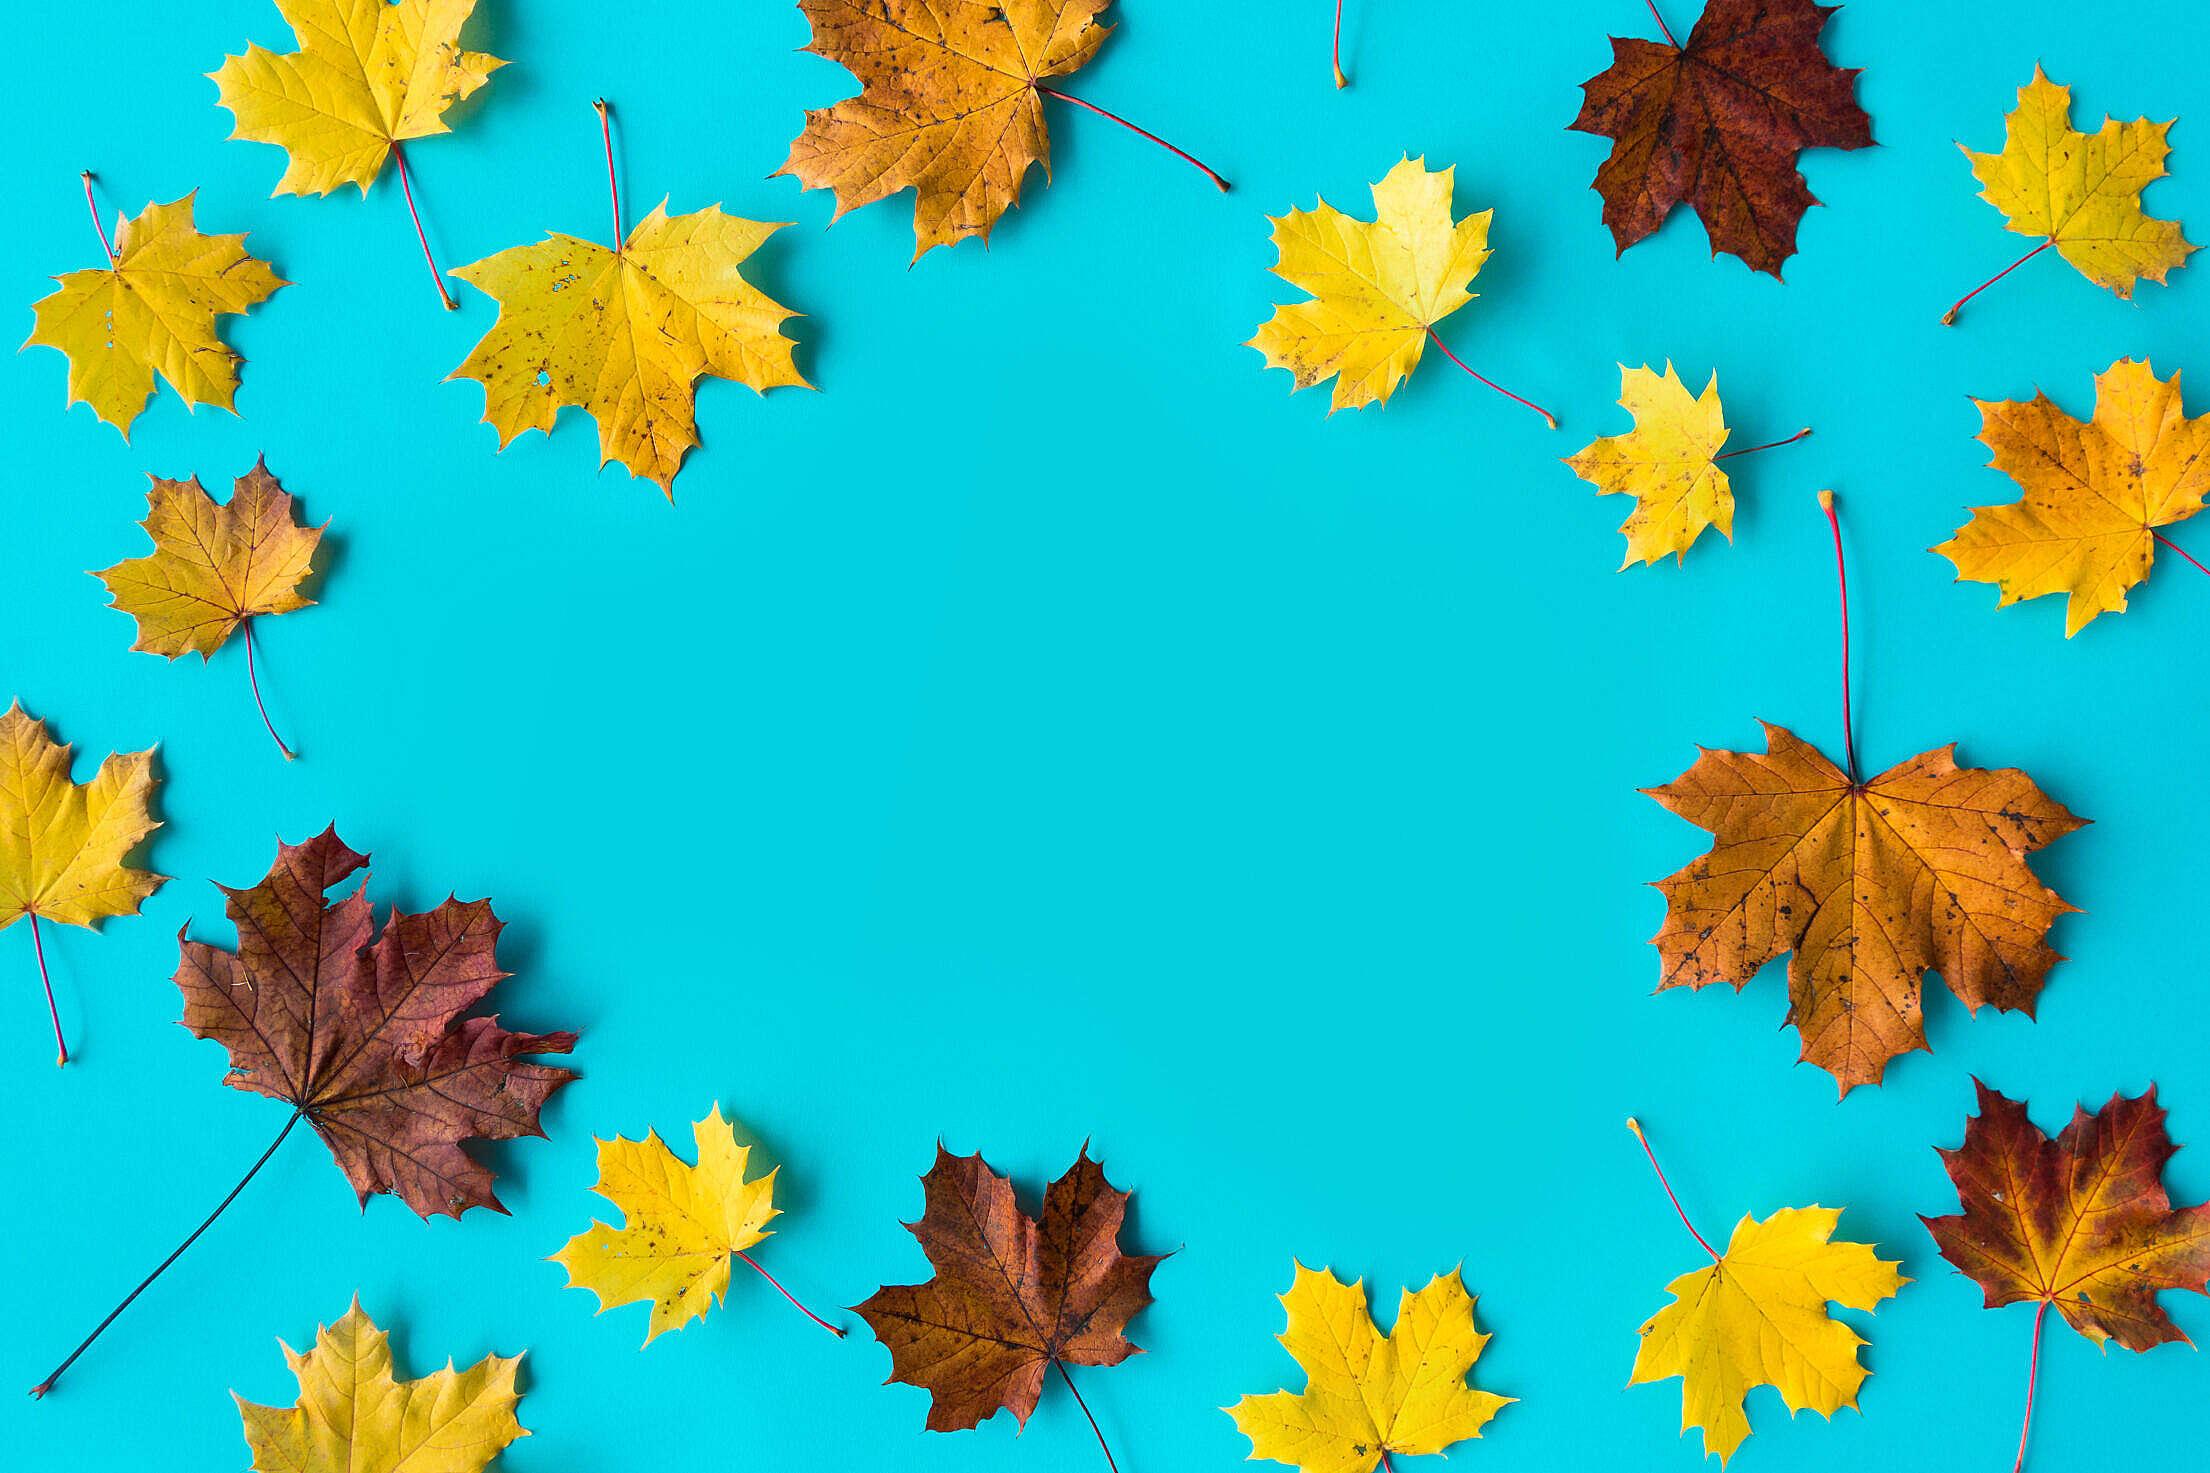 Hero Image Autumn Leaves on Flat Blue Background Free Stock Photo